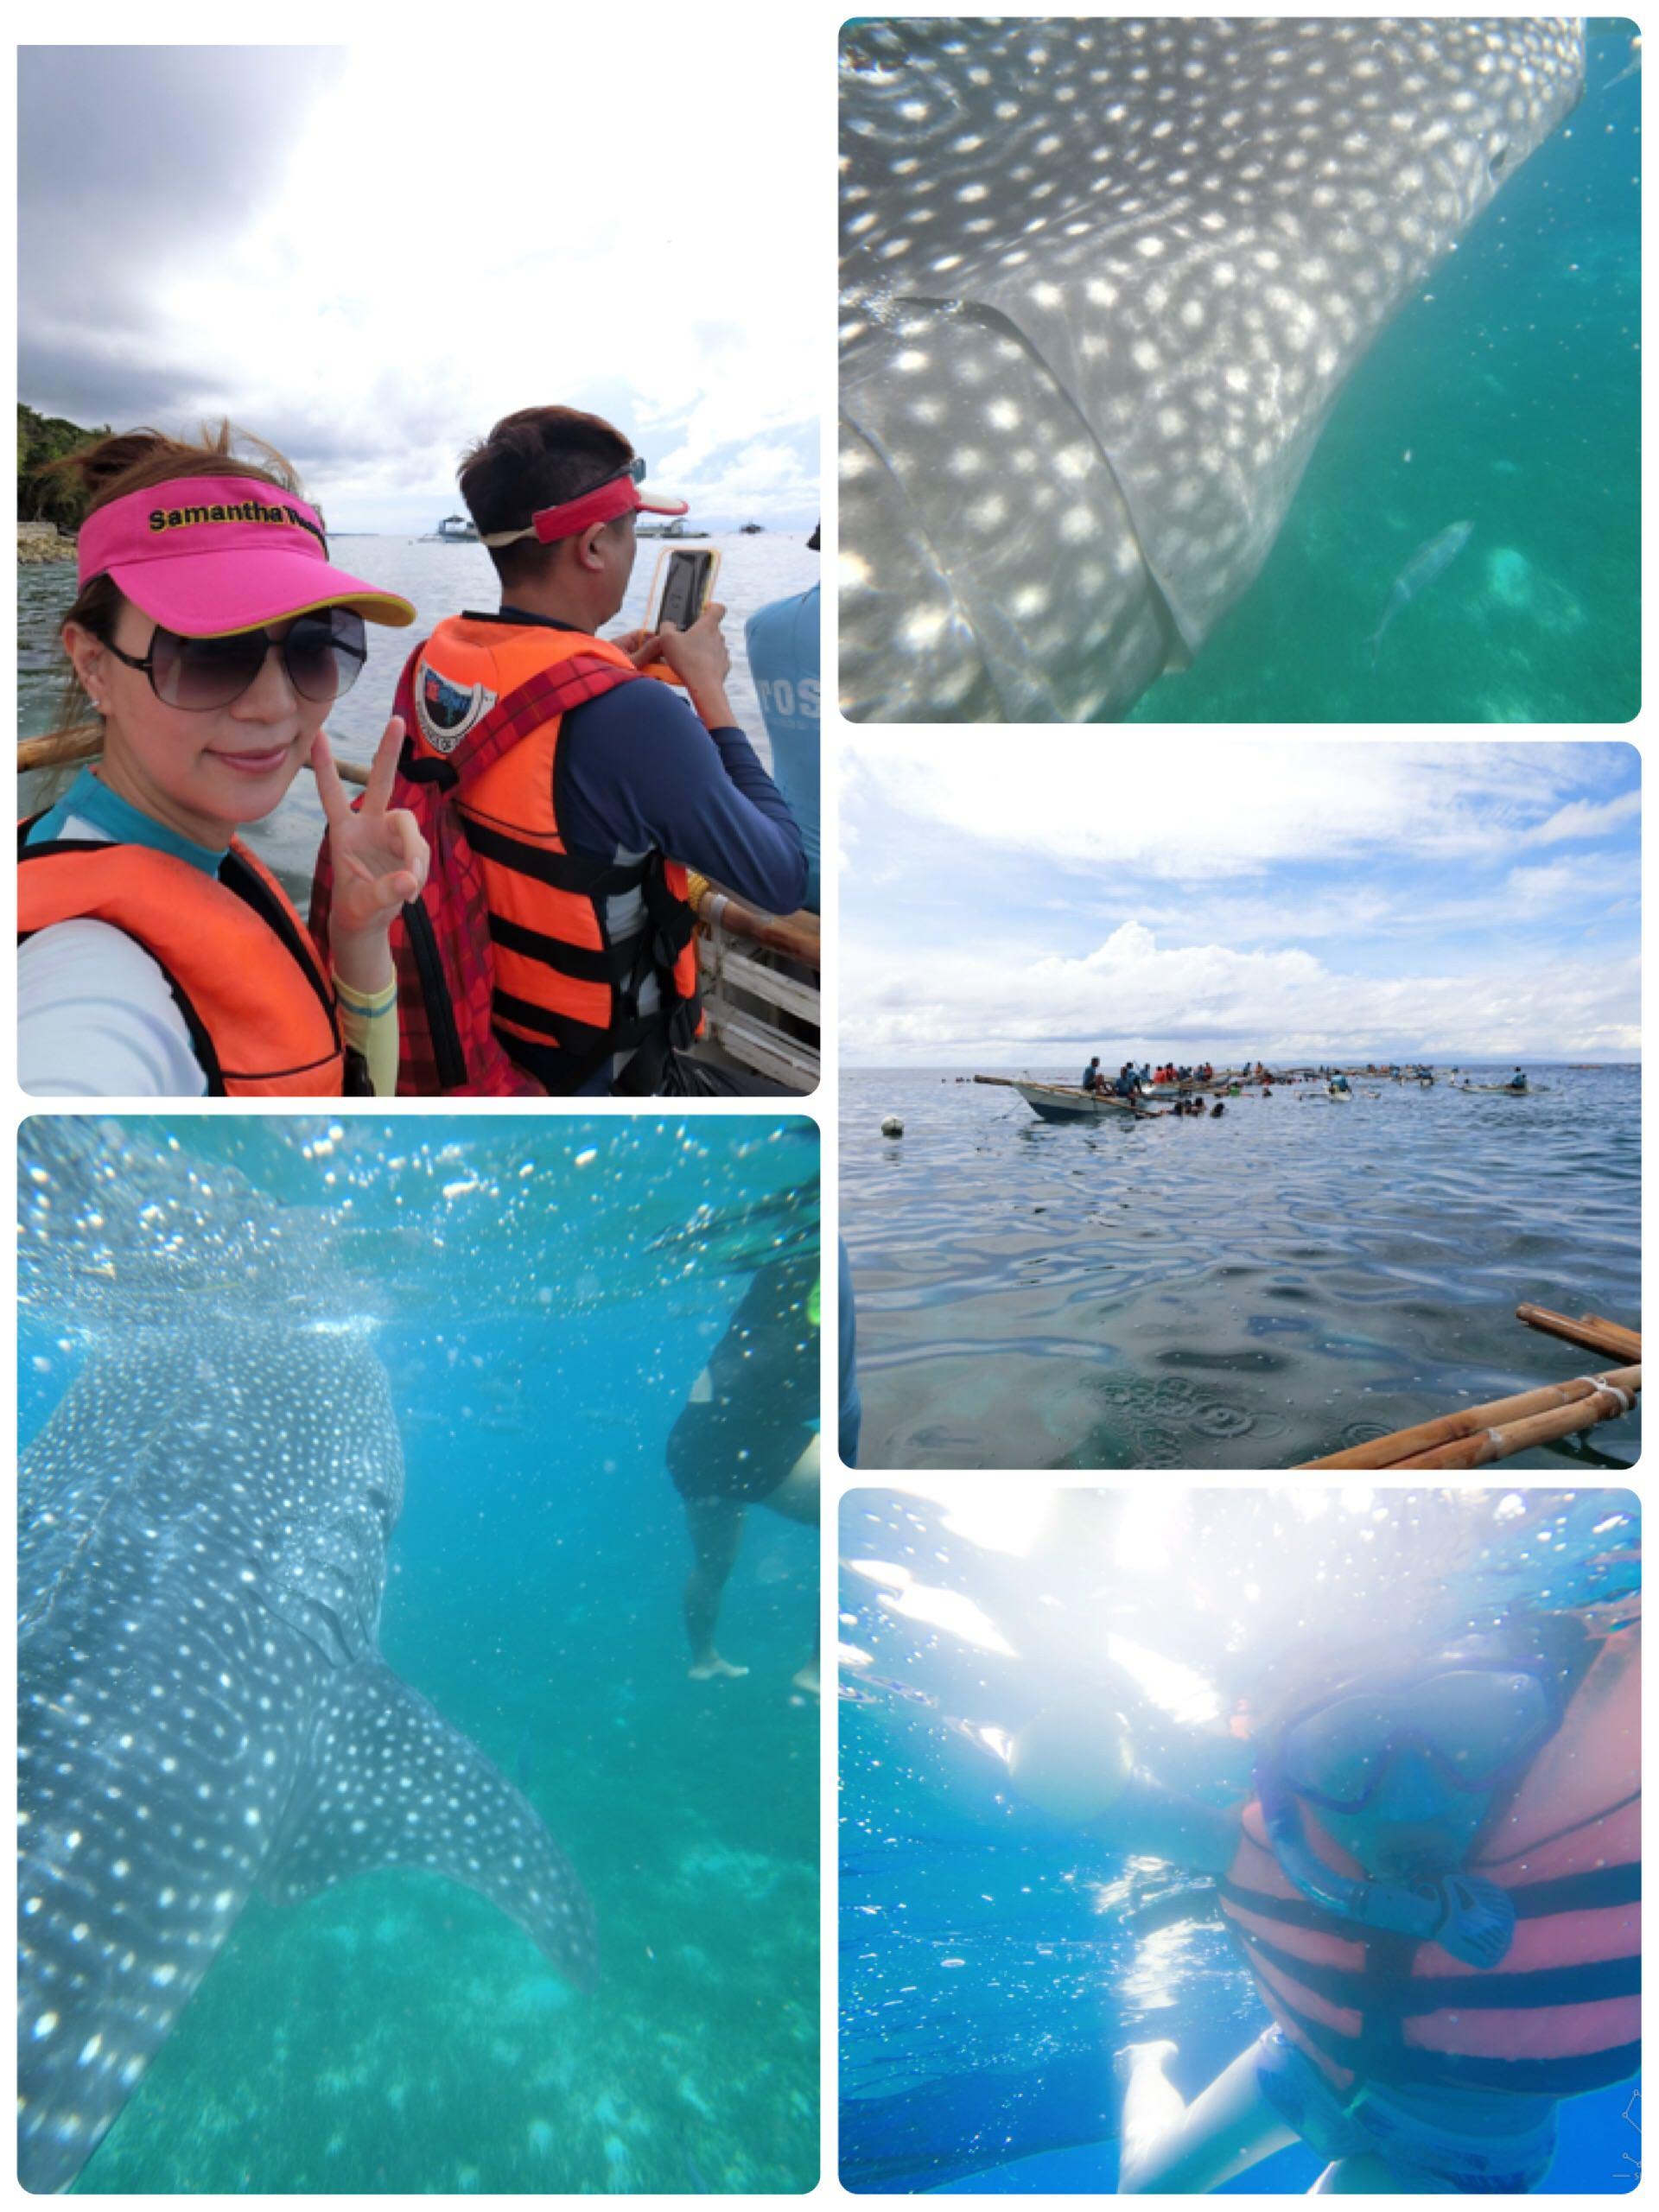 讓人震撼的『歐斯陸Oslob與鯨鯊共游』此生必訪的的不可思議奇妙體驗(內有影音分享)♥